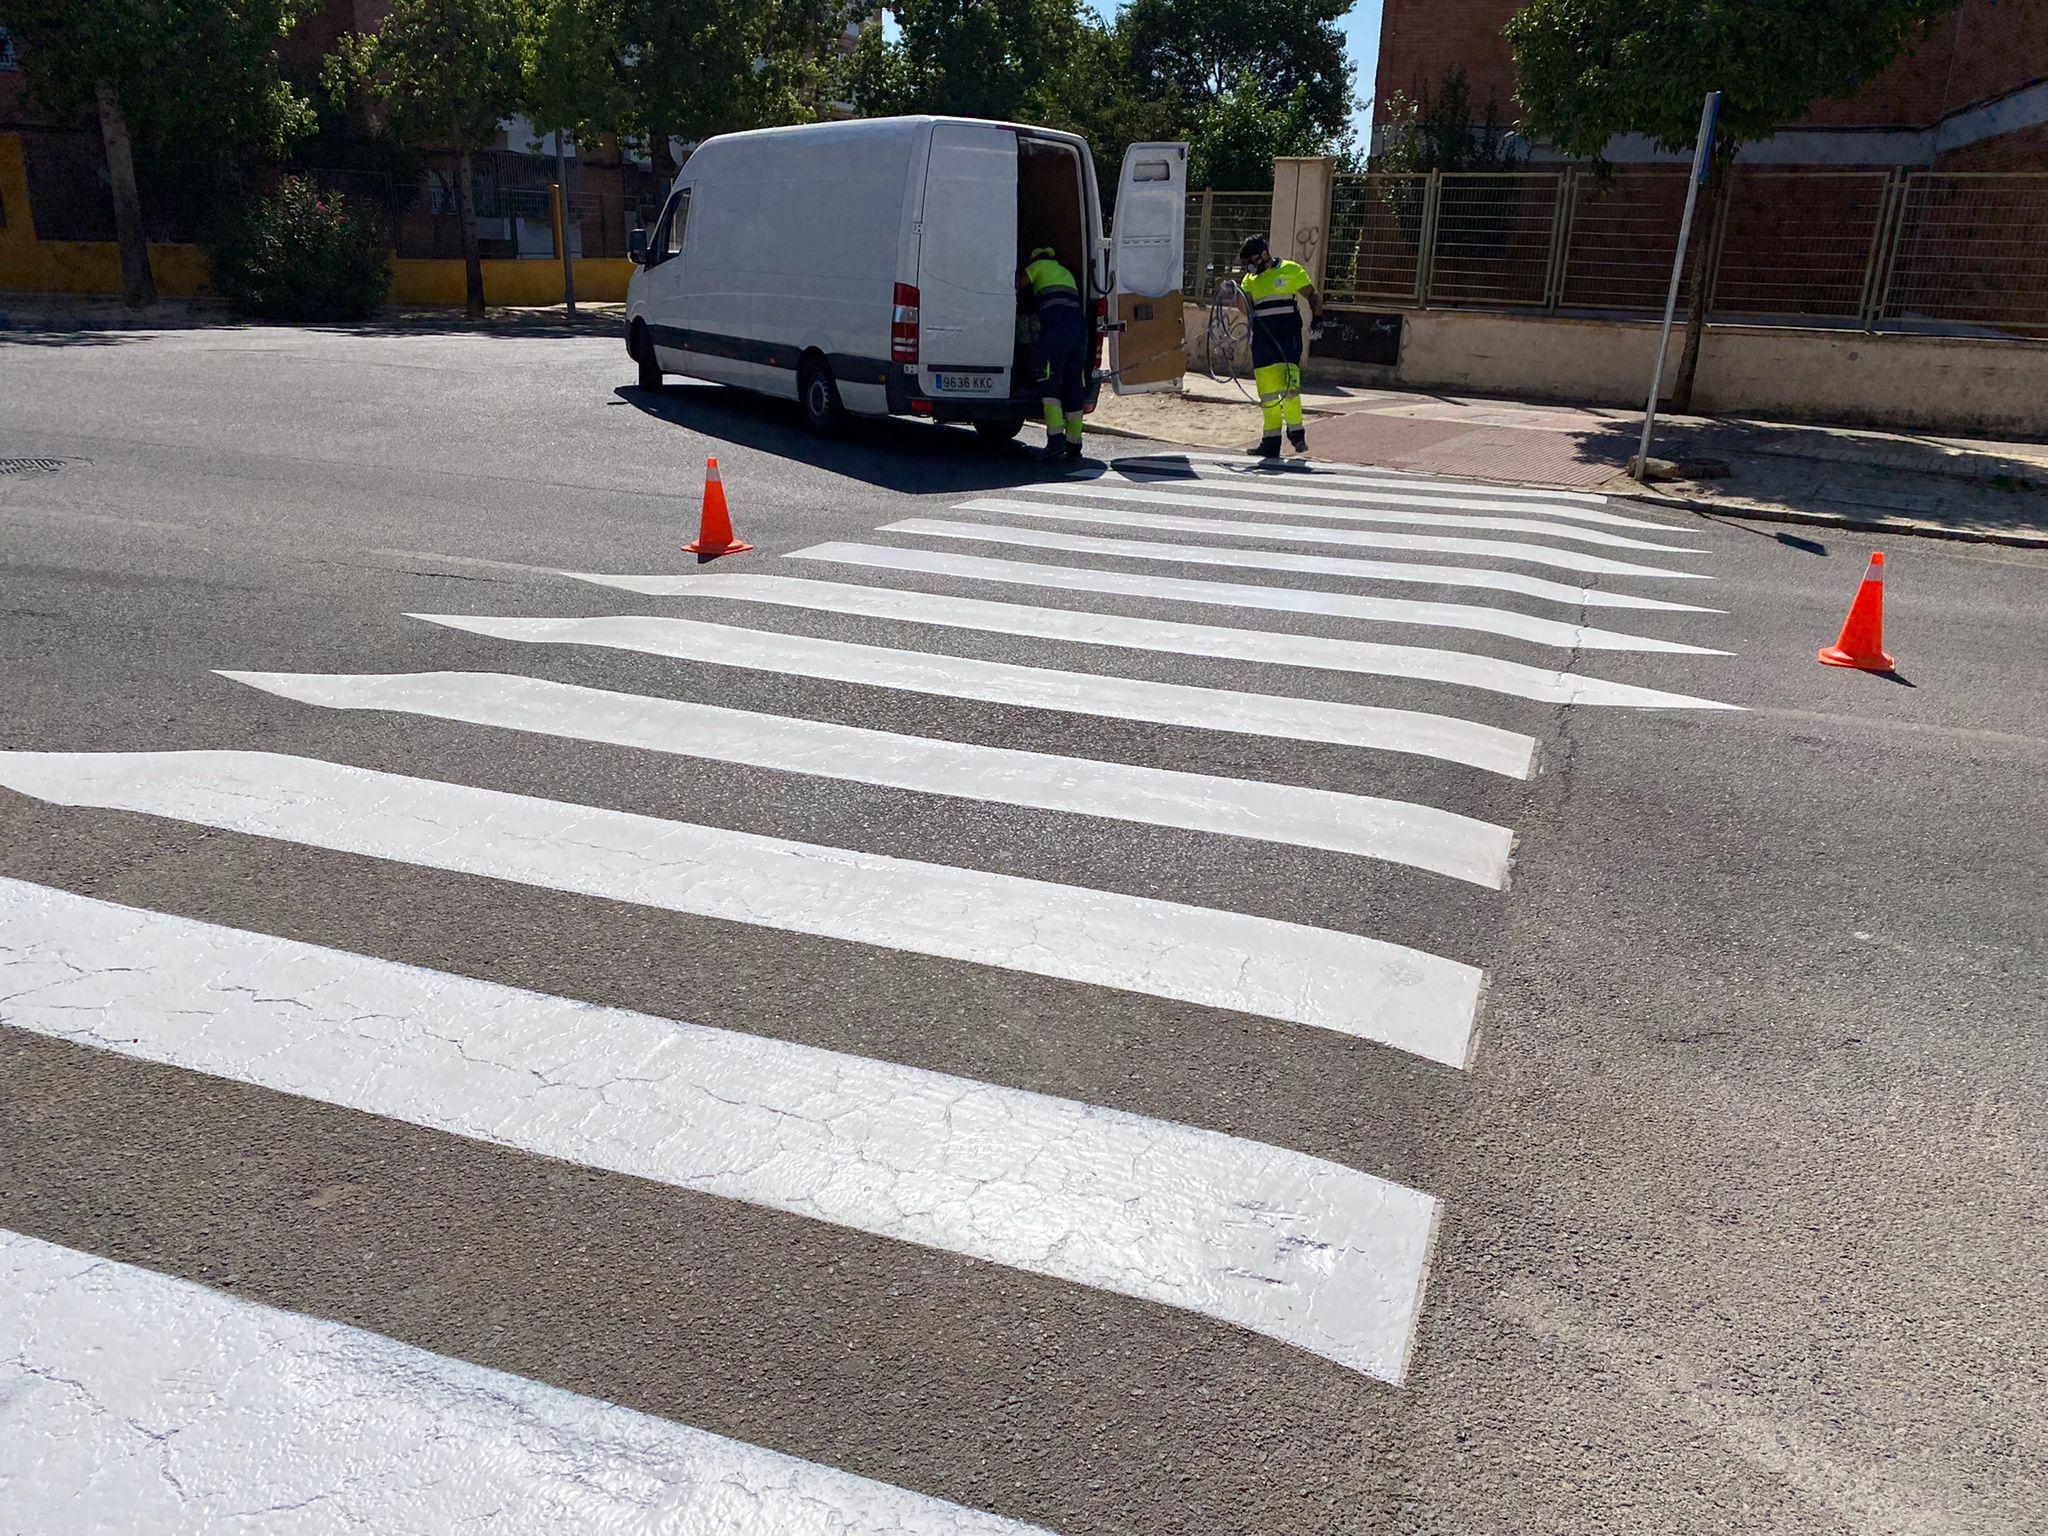 Movilidad busca la mayor seguridad vial en los accesos a los centros educativos